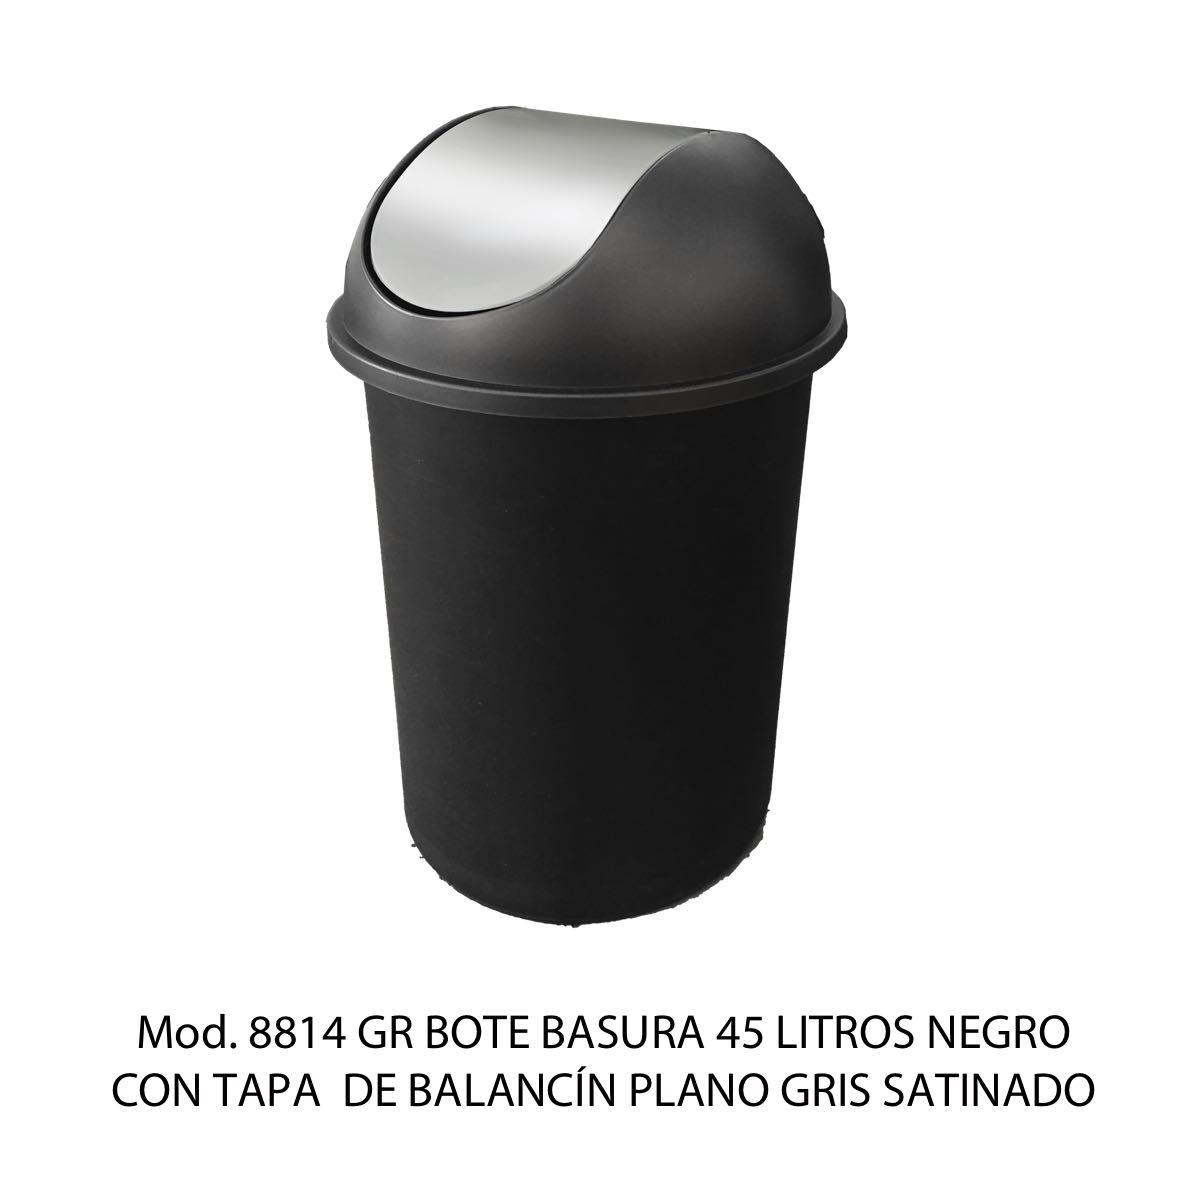 Bote de basura redondo negro de 45 litros con tapa gris satinado tipo balancín liso modelo 8814 GR Sablón